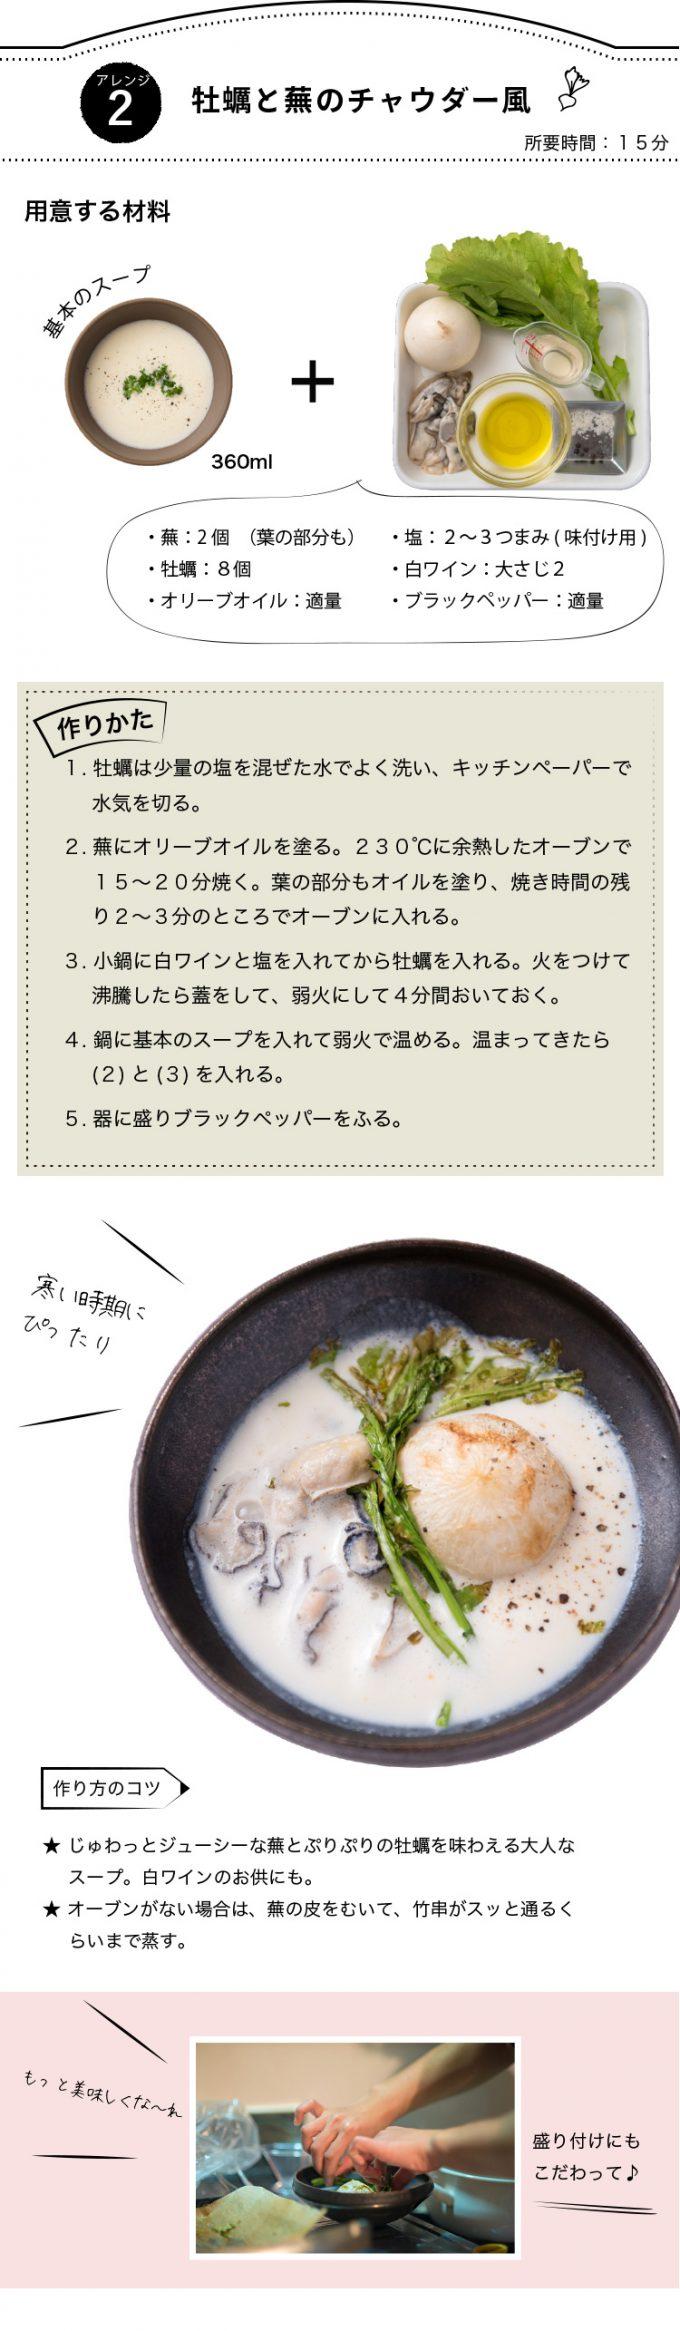 アレンジスープ【オニオングラタン風じゃがいも】レシピ